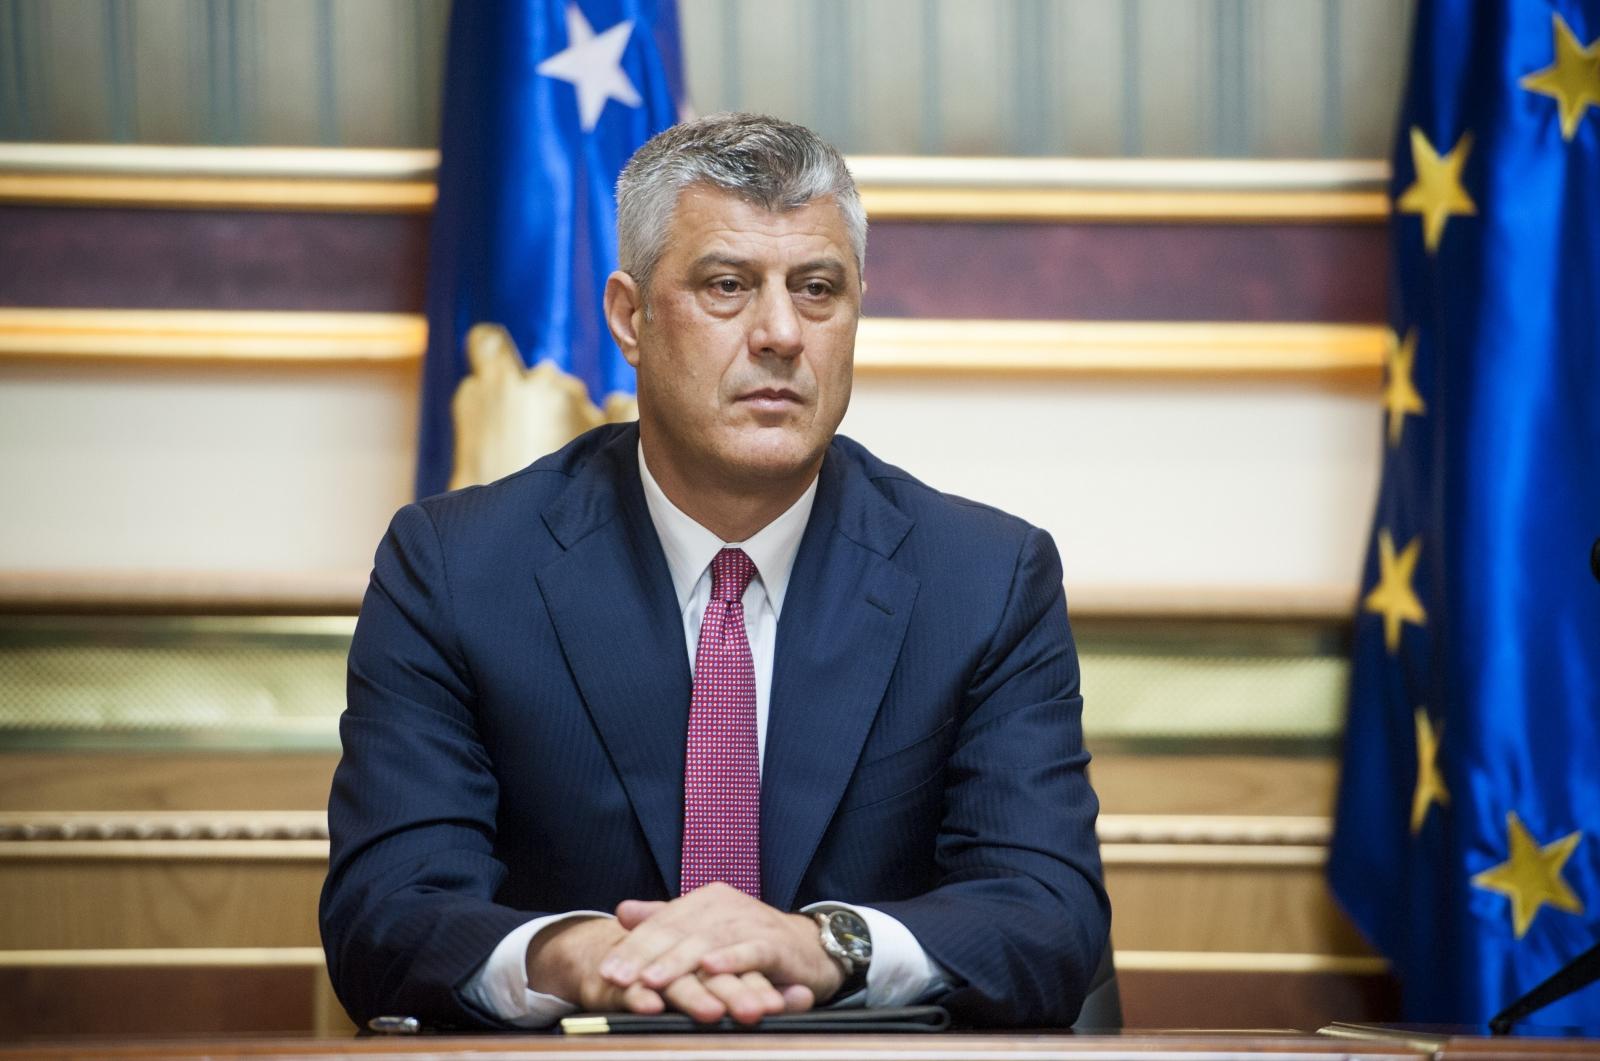 Kosovo's Foreign Minister Hashim Thaci